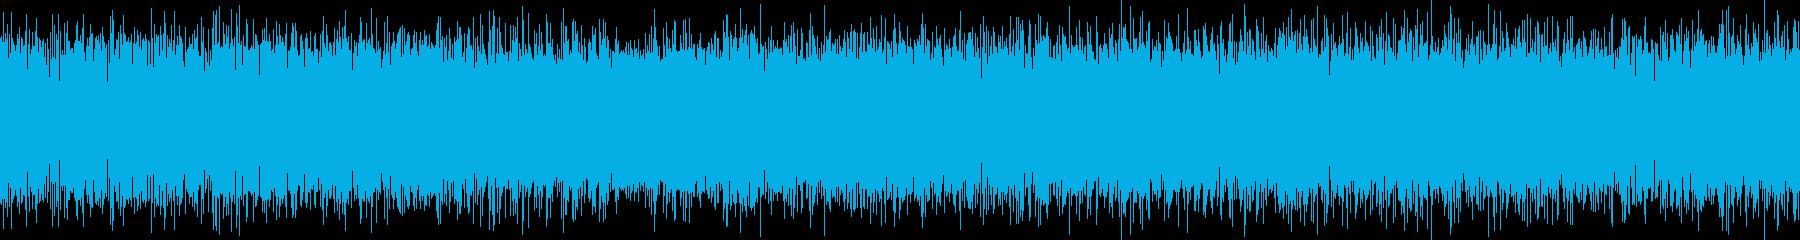 ザーーー(テレビの砂嵐音)の再生済みの波形